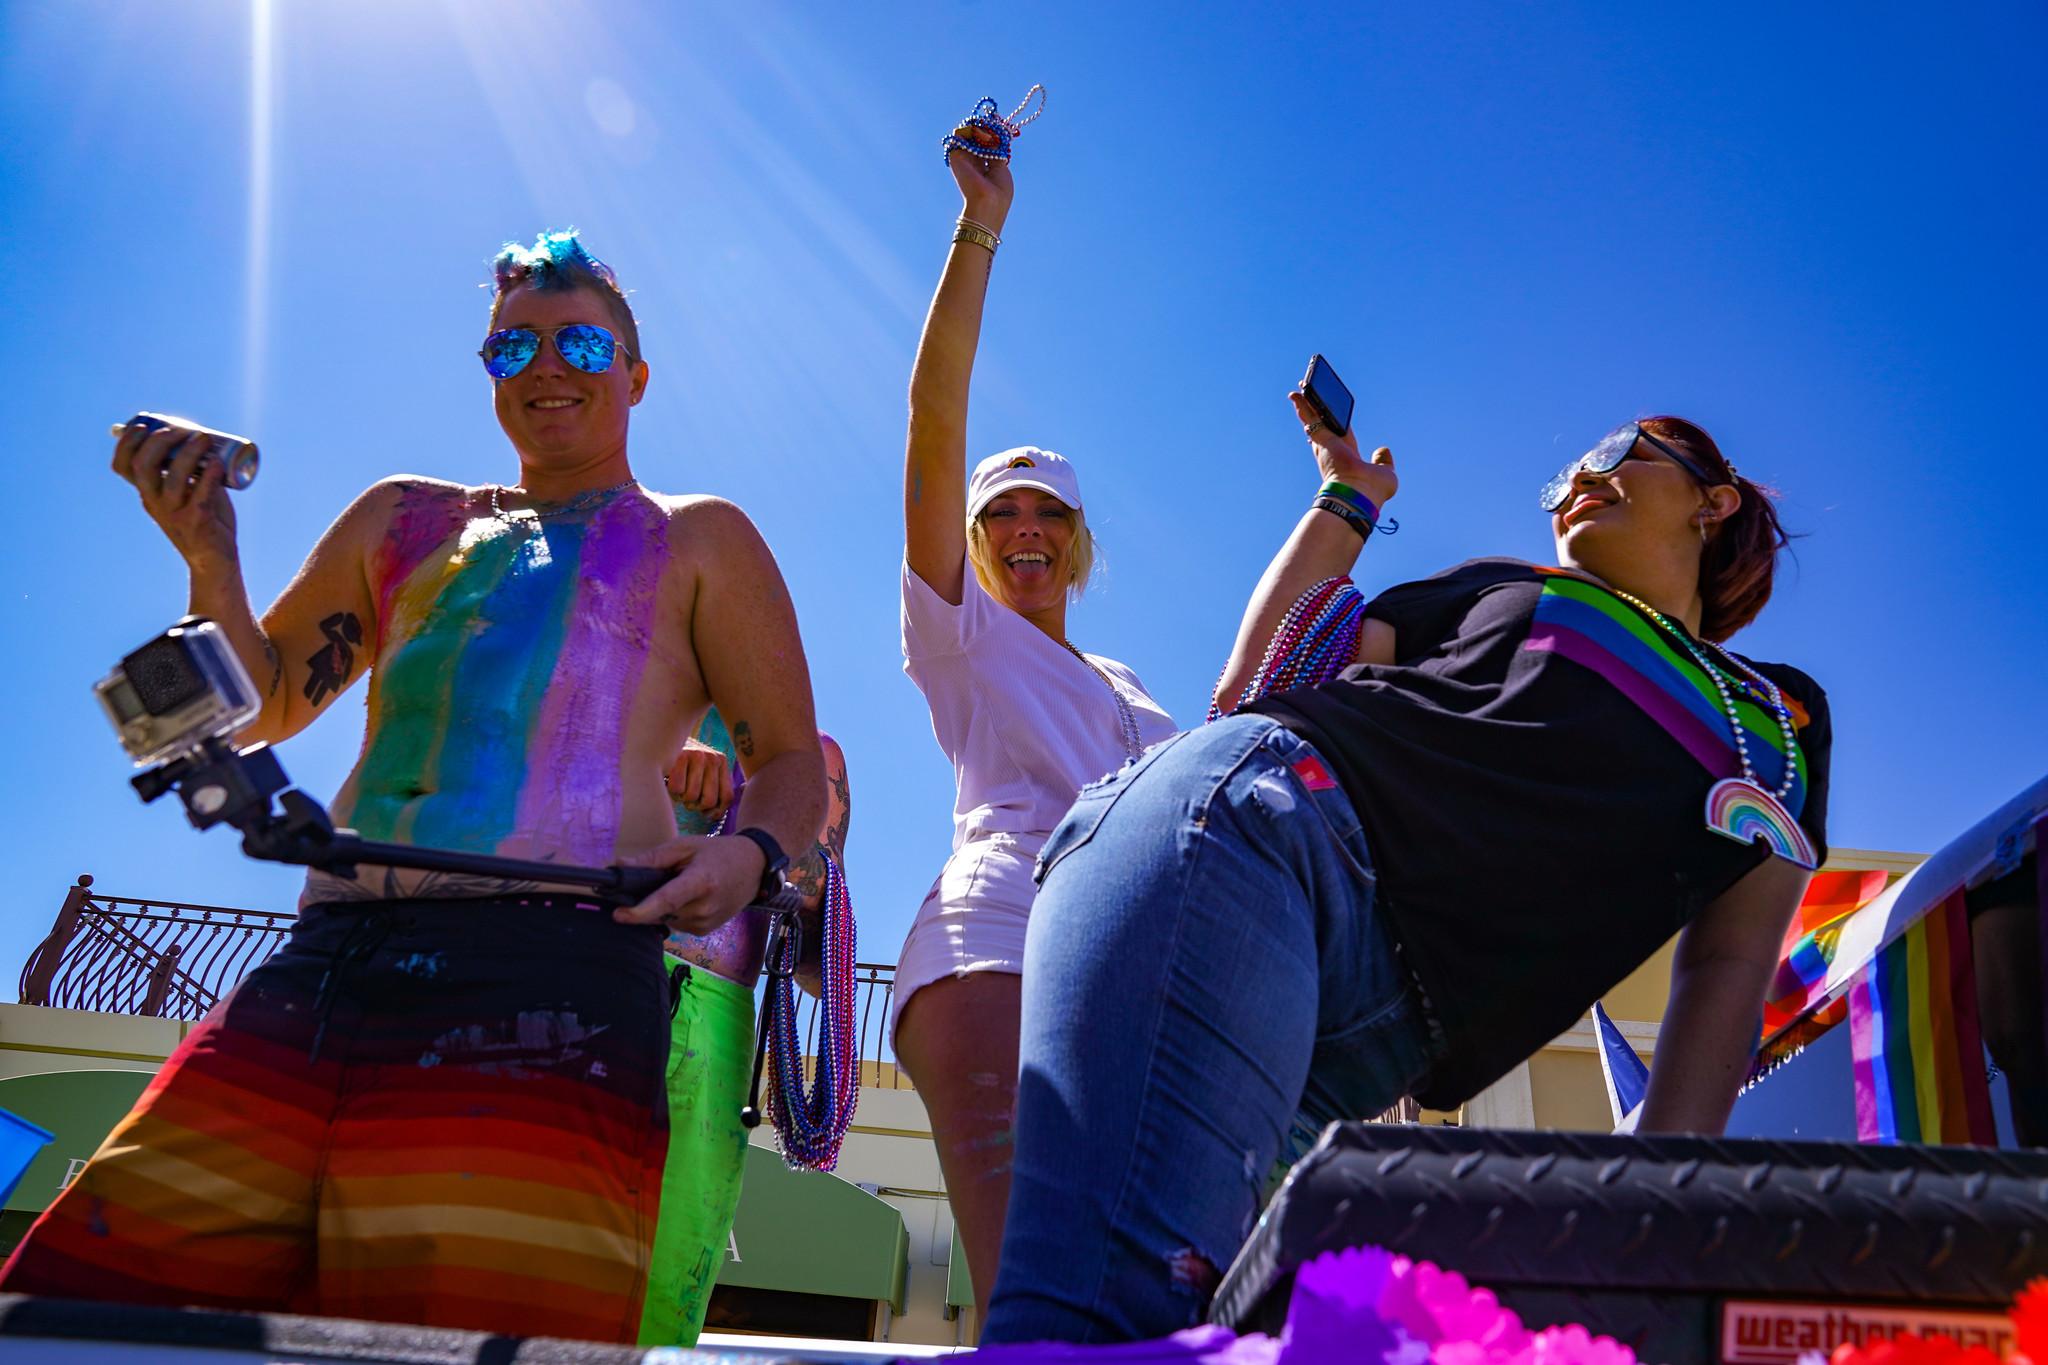 from Ean palm beach gardens gay pride